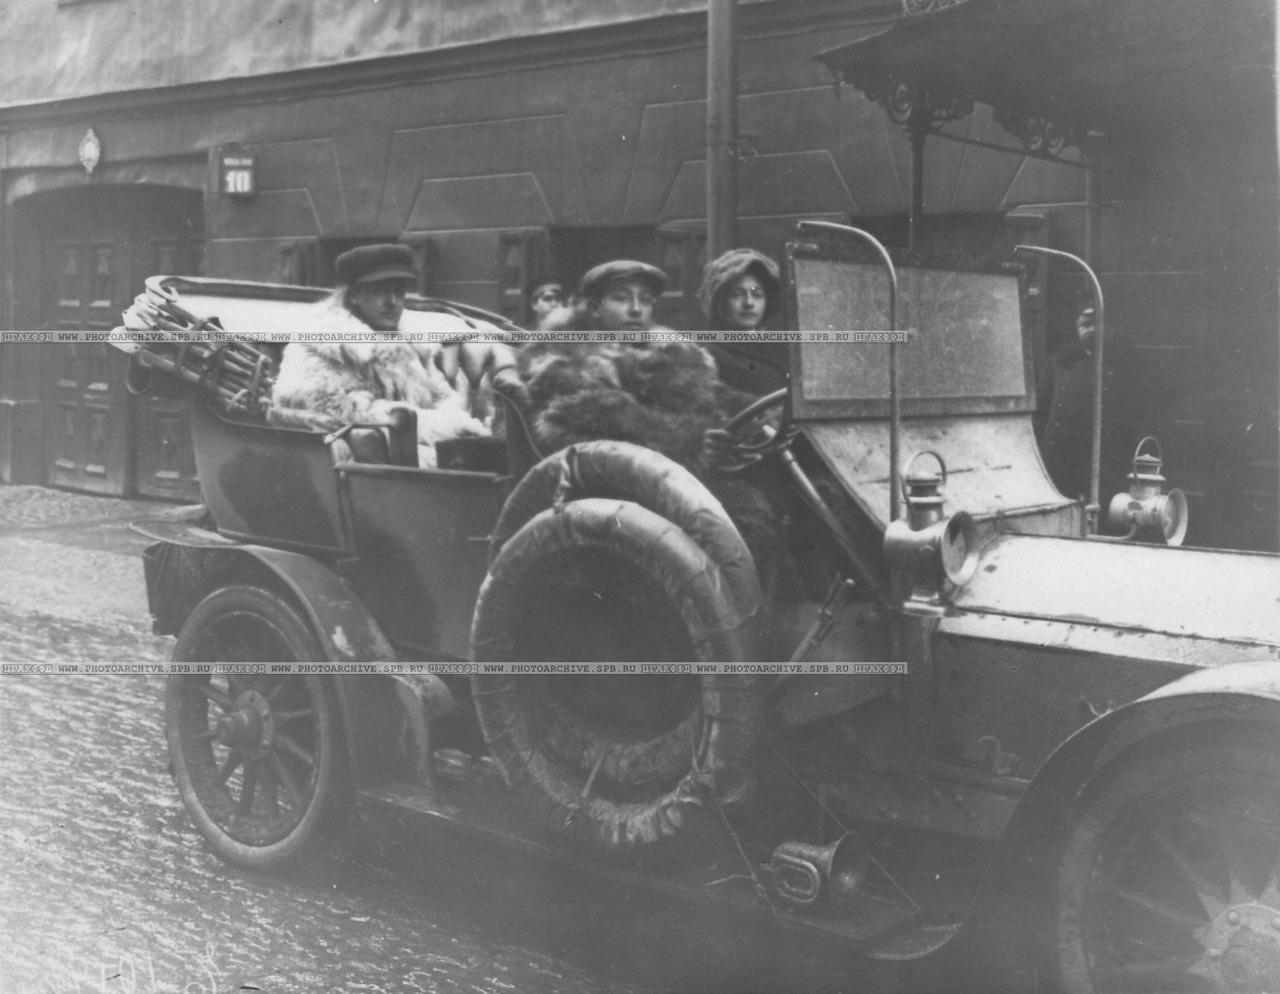 0_a6cb0_f8203195_XXXLАвтомобилисты, члены Императорского Российского автомобильного общества, в машине